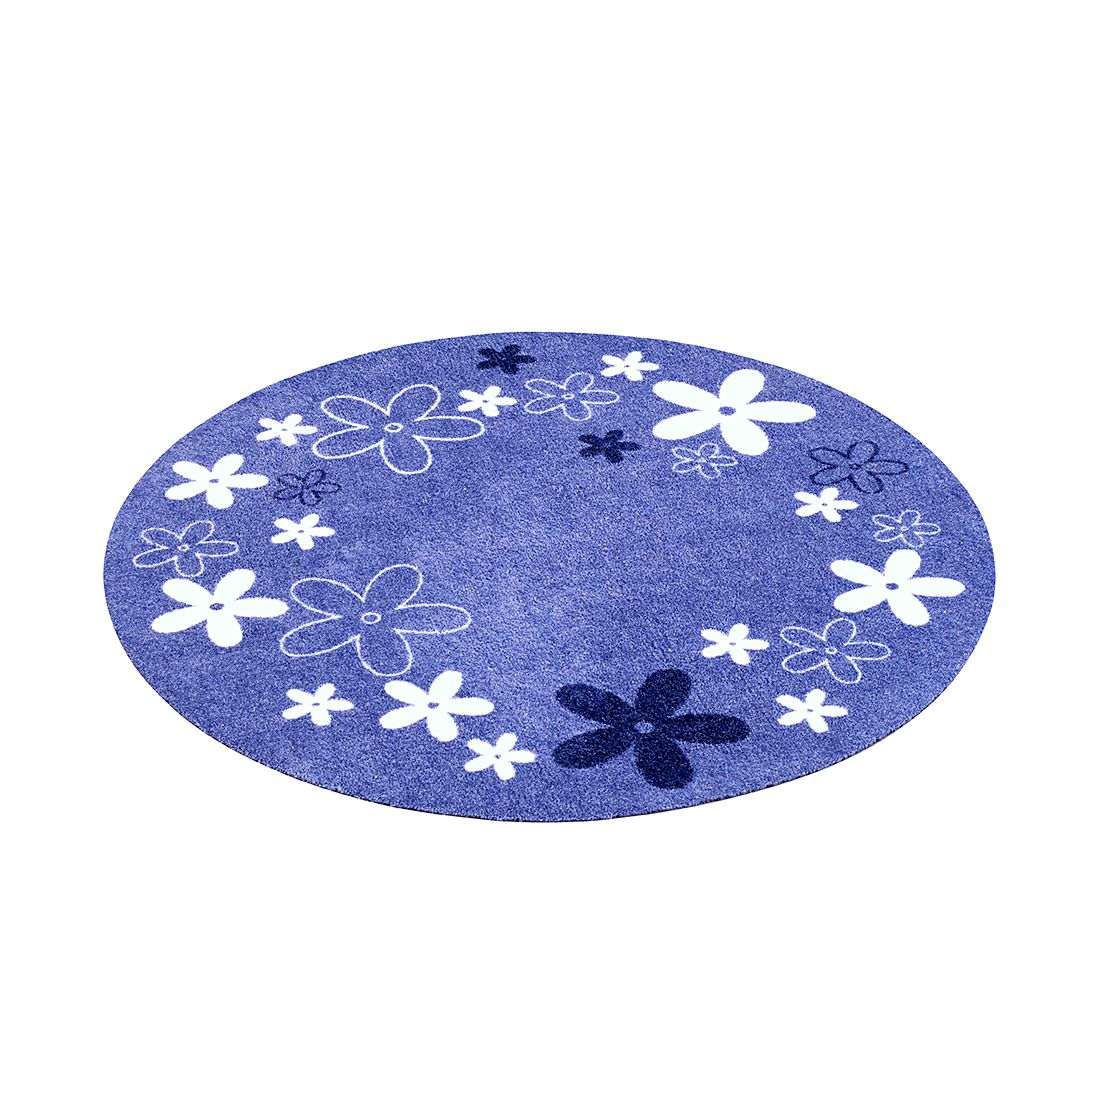 Kinderteppich Flower Field rund – Blau, Zala Living jetzt bestellen